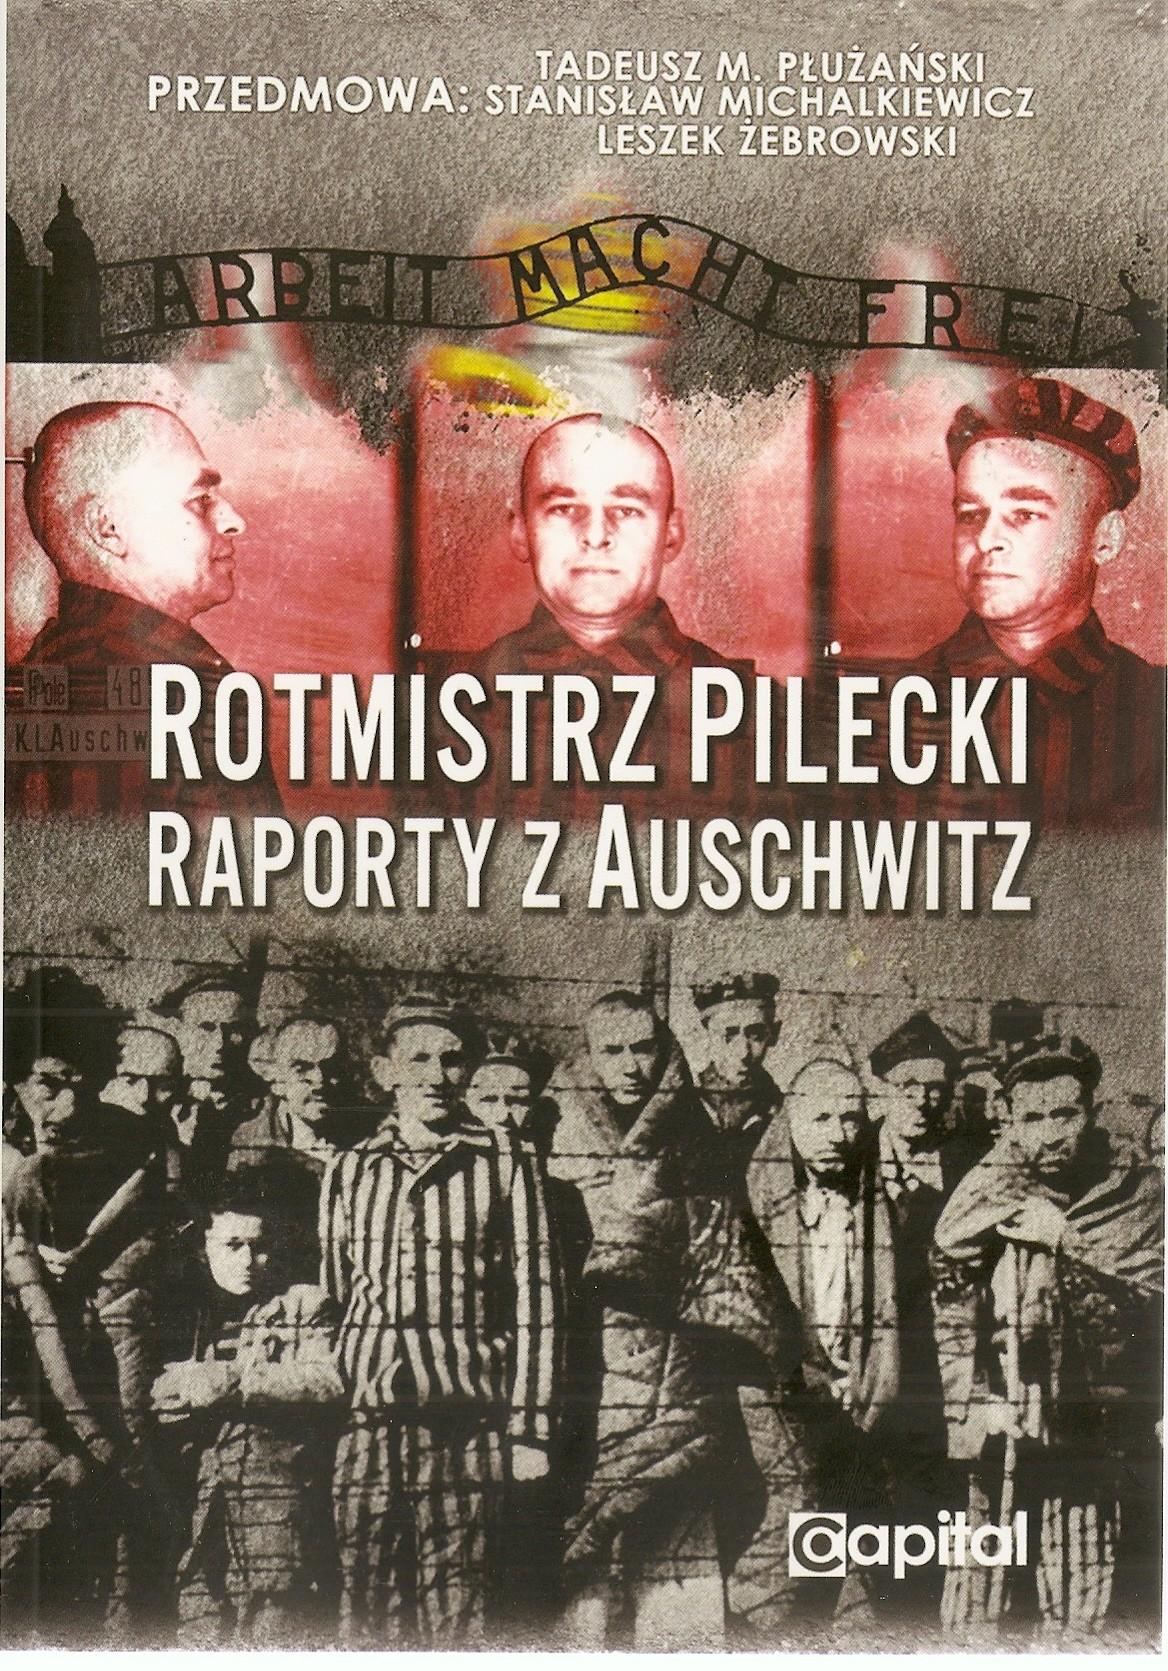 Rotmistrz Pilecki. Raporty z Auschwitz - Prawe książki